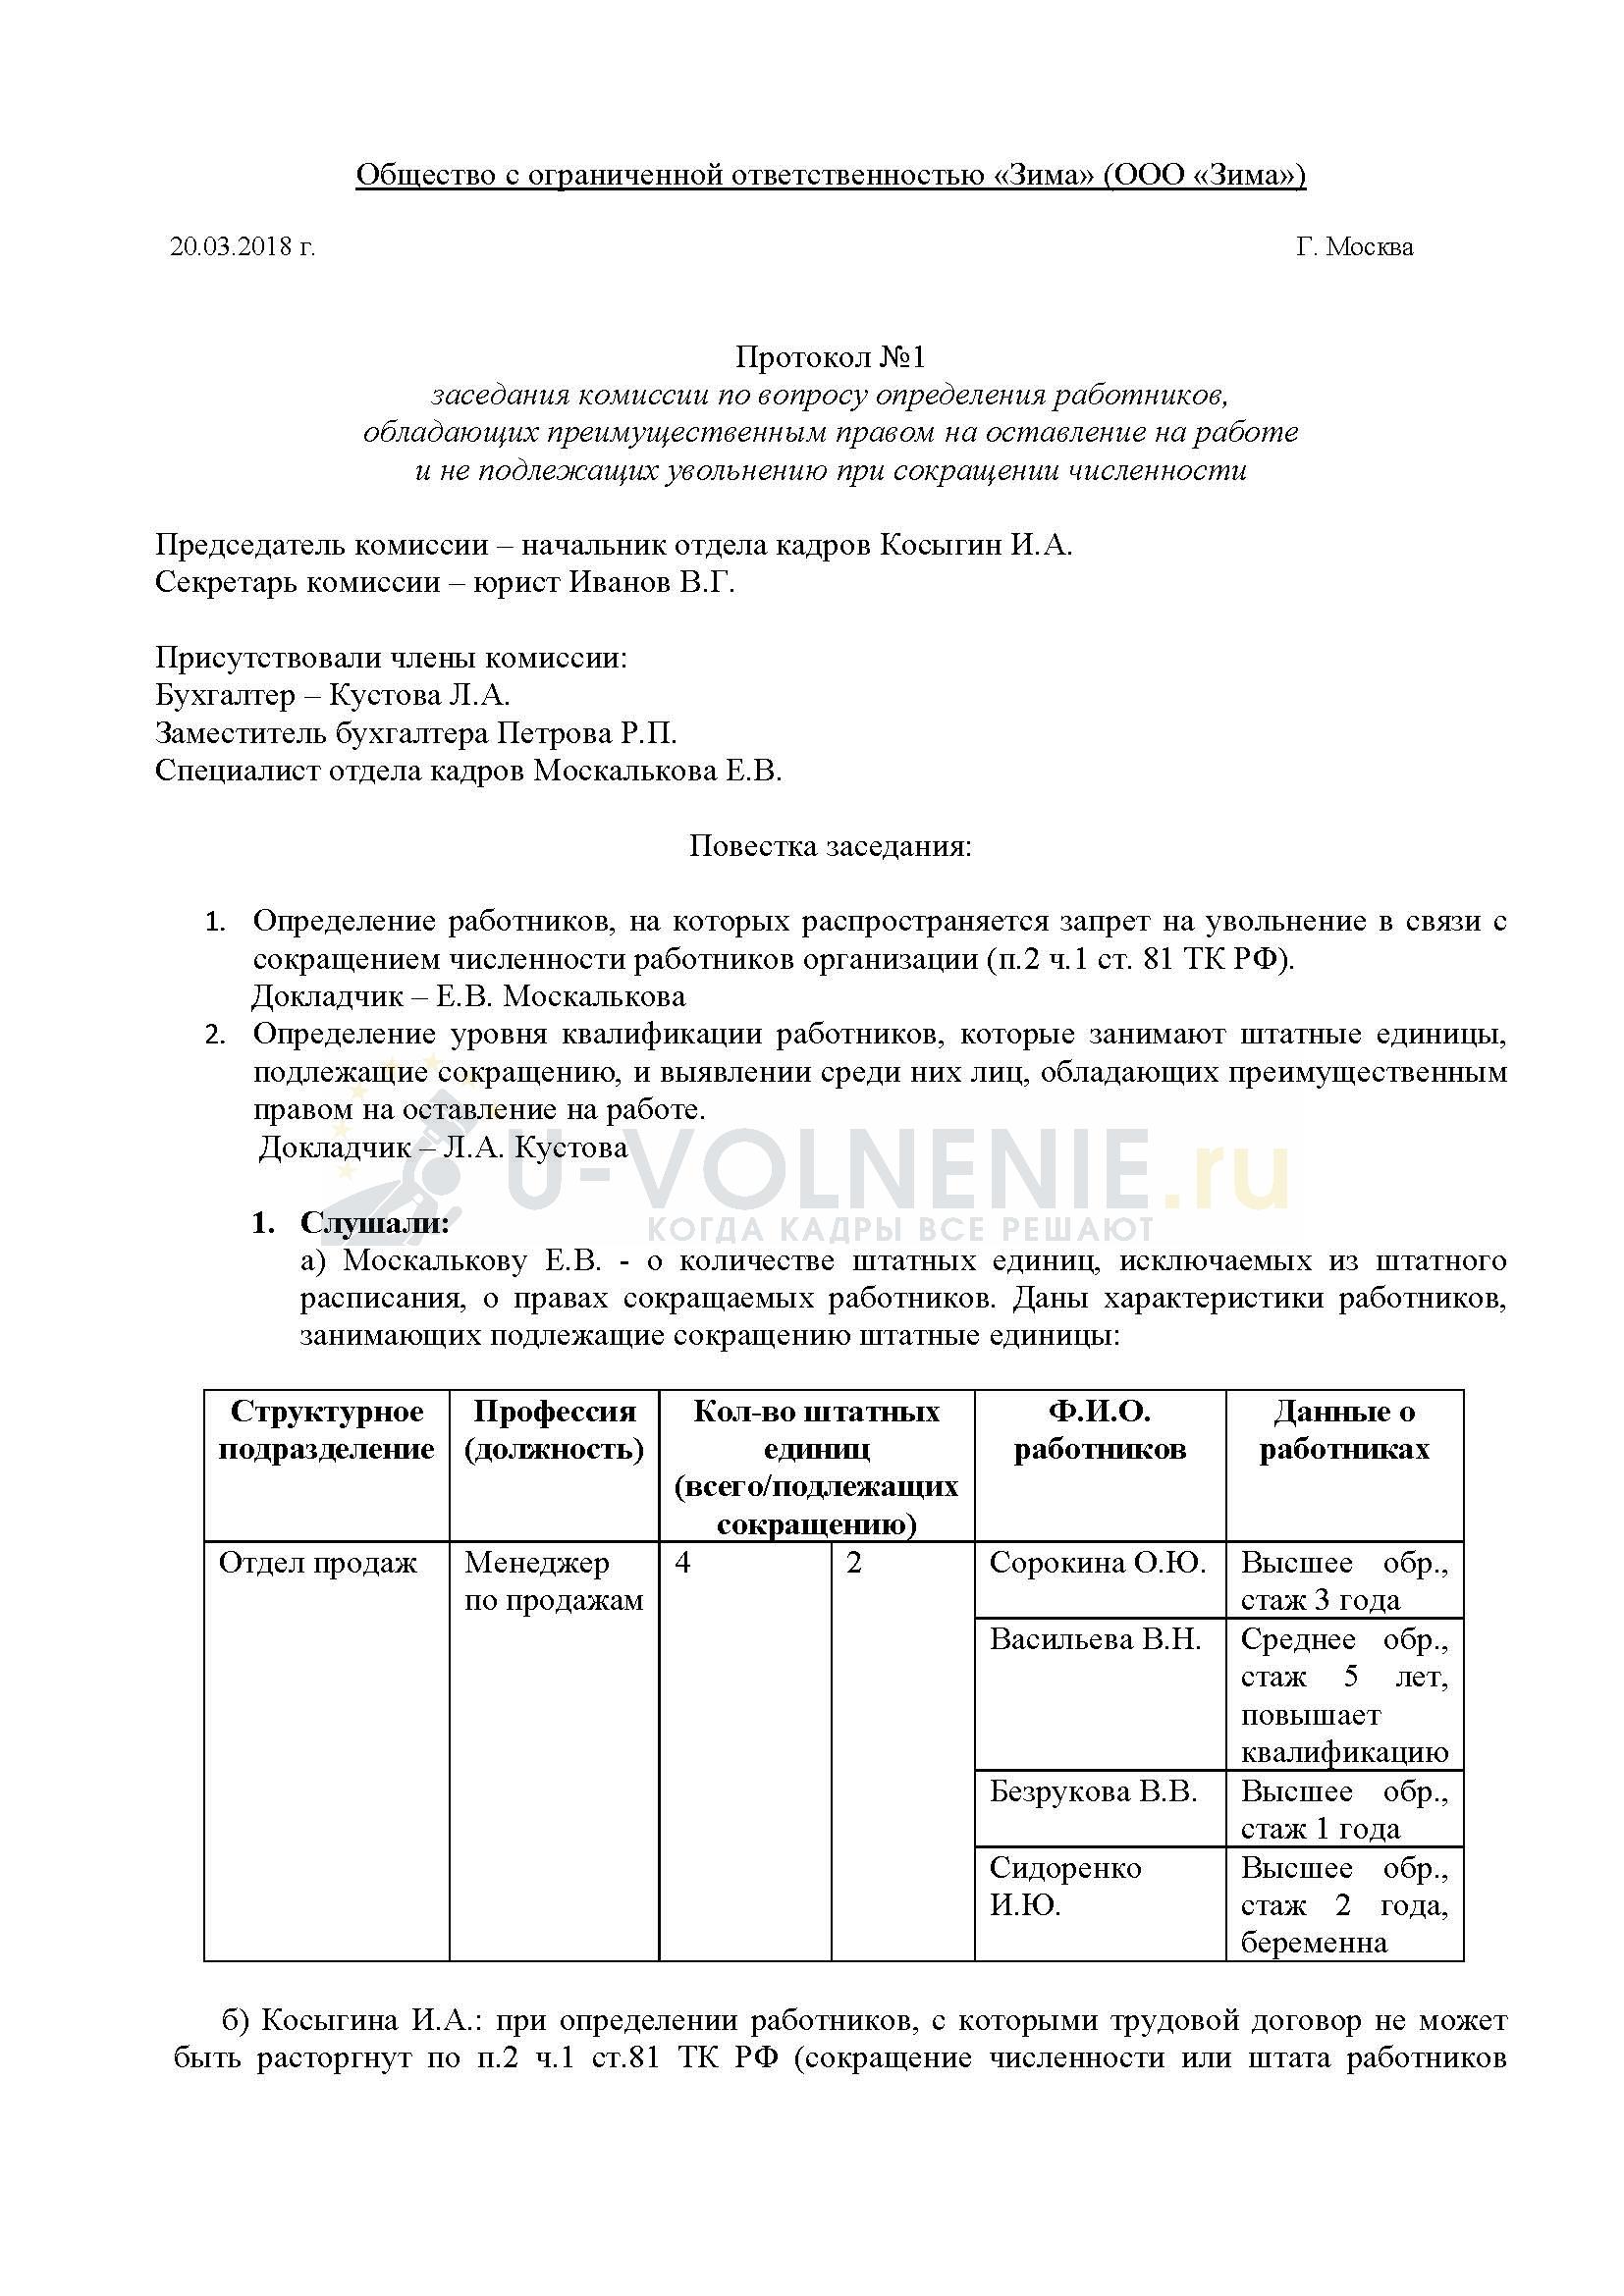 Образец протокола о заседании комиссии по сокращениюСтраница 1